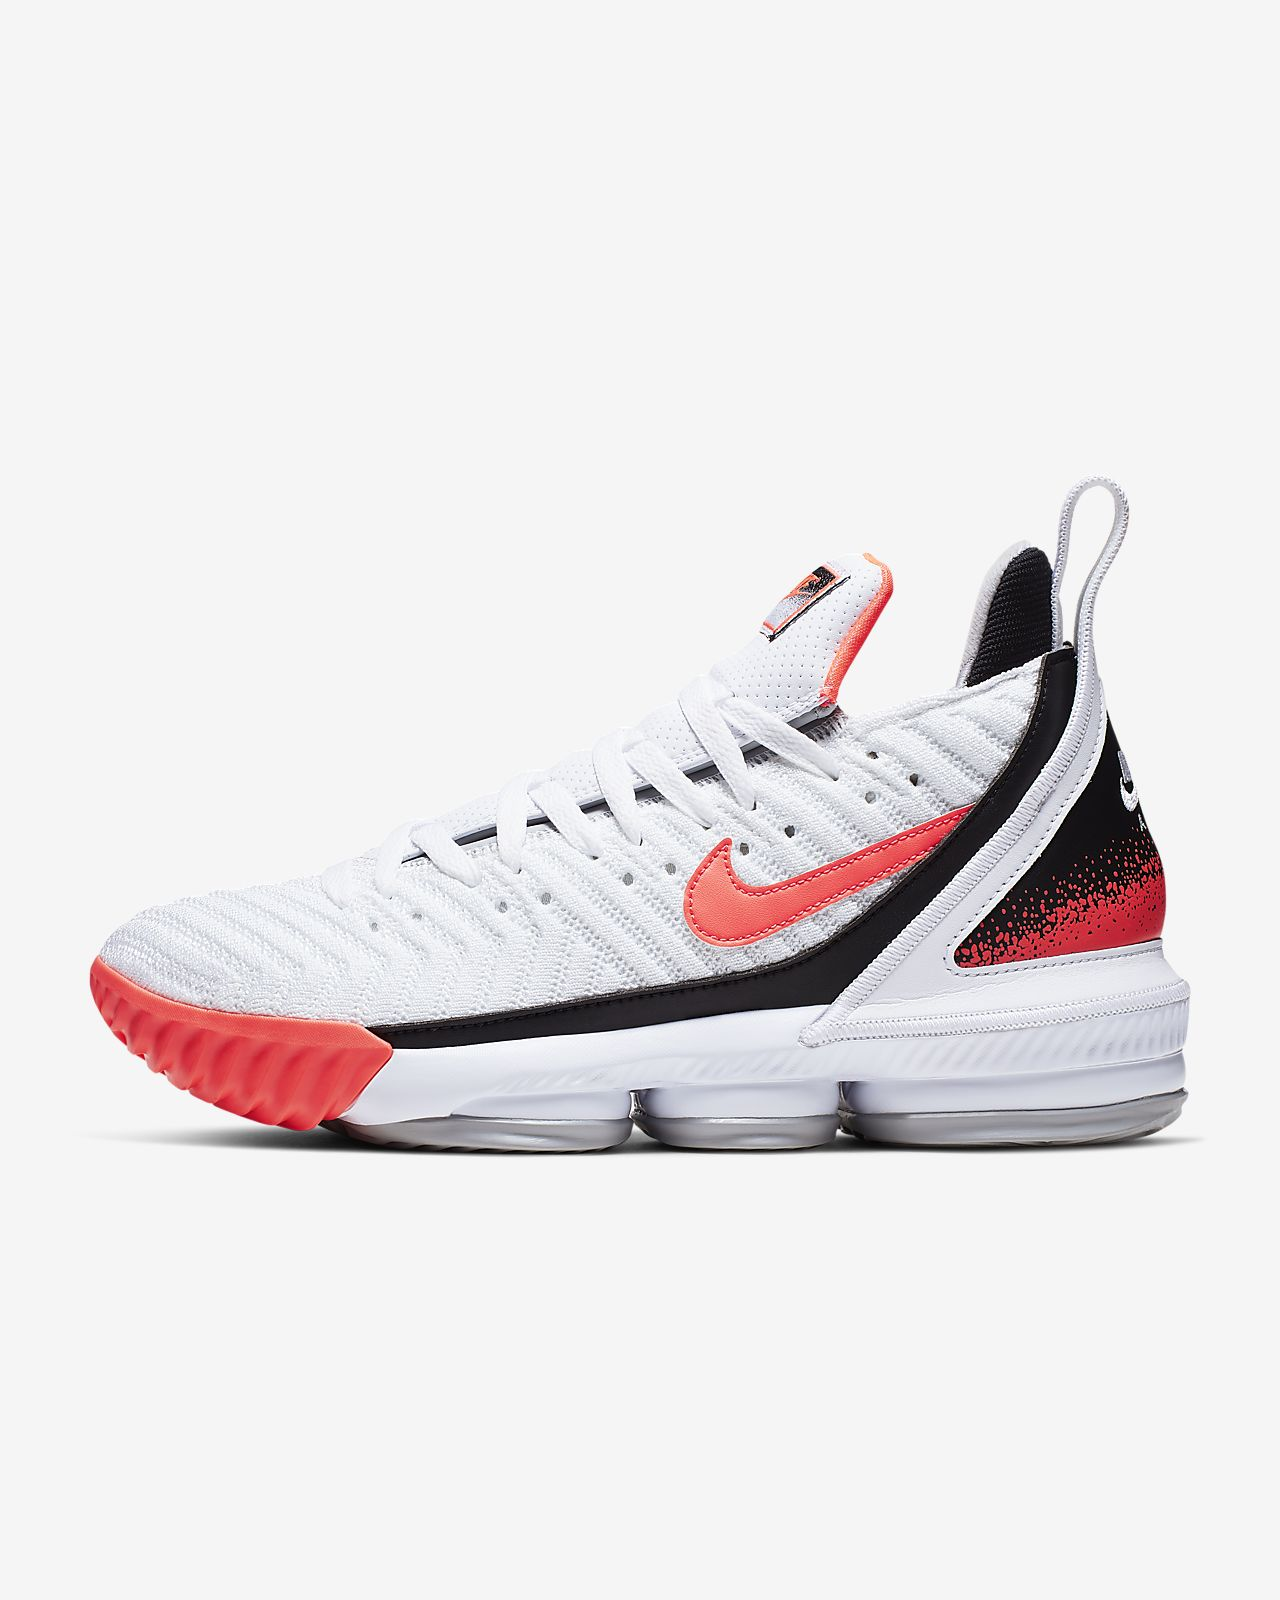 LeBron XVI Hot Lava White Zapatillas de baloncesto